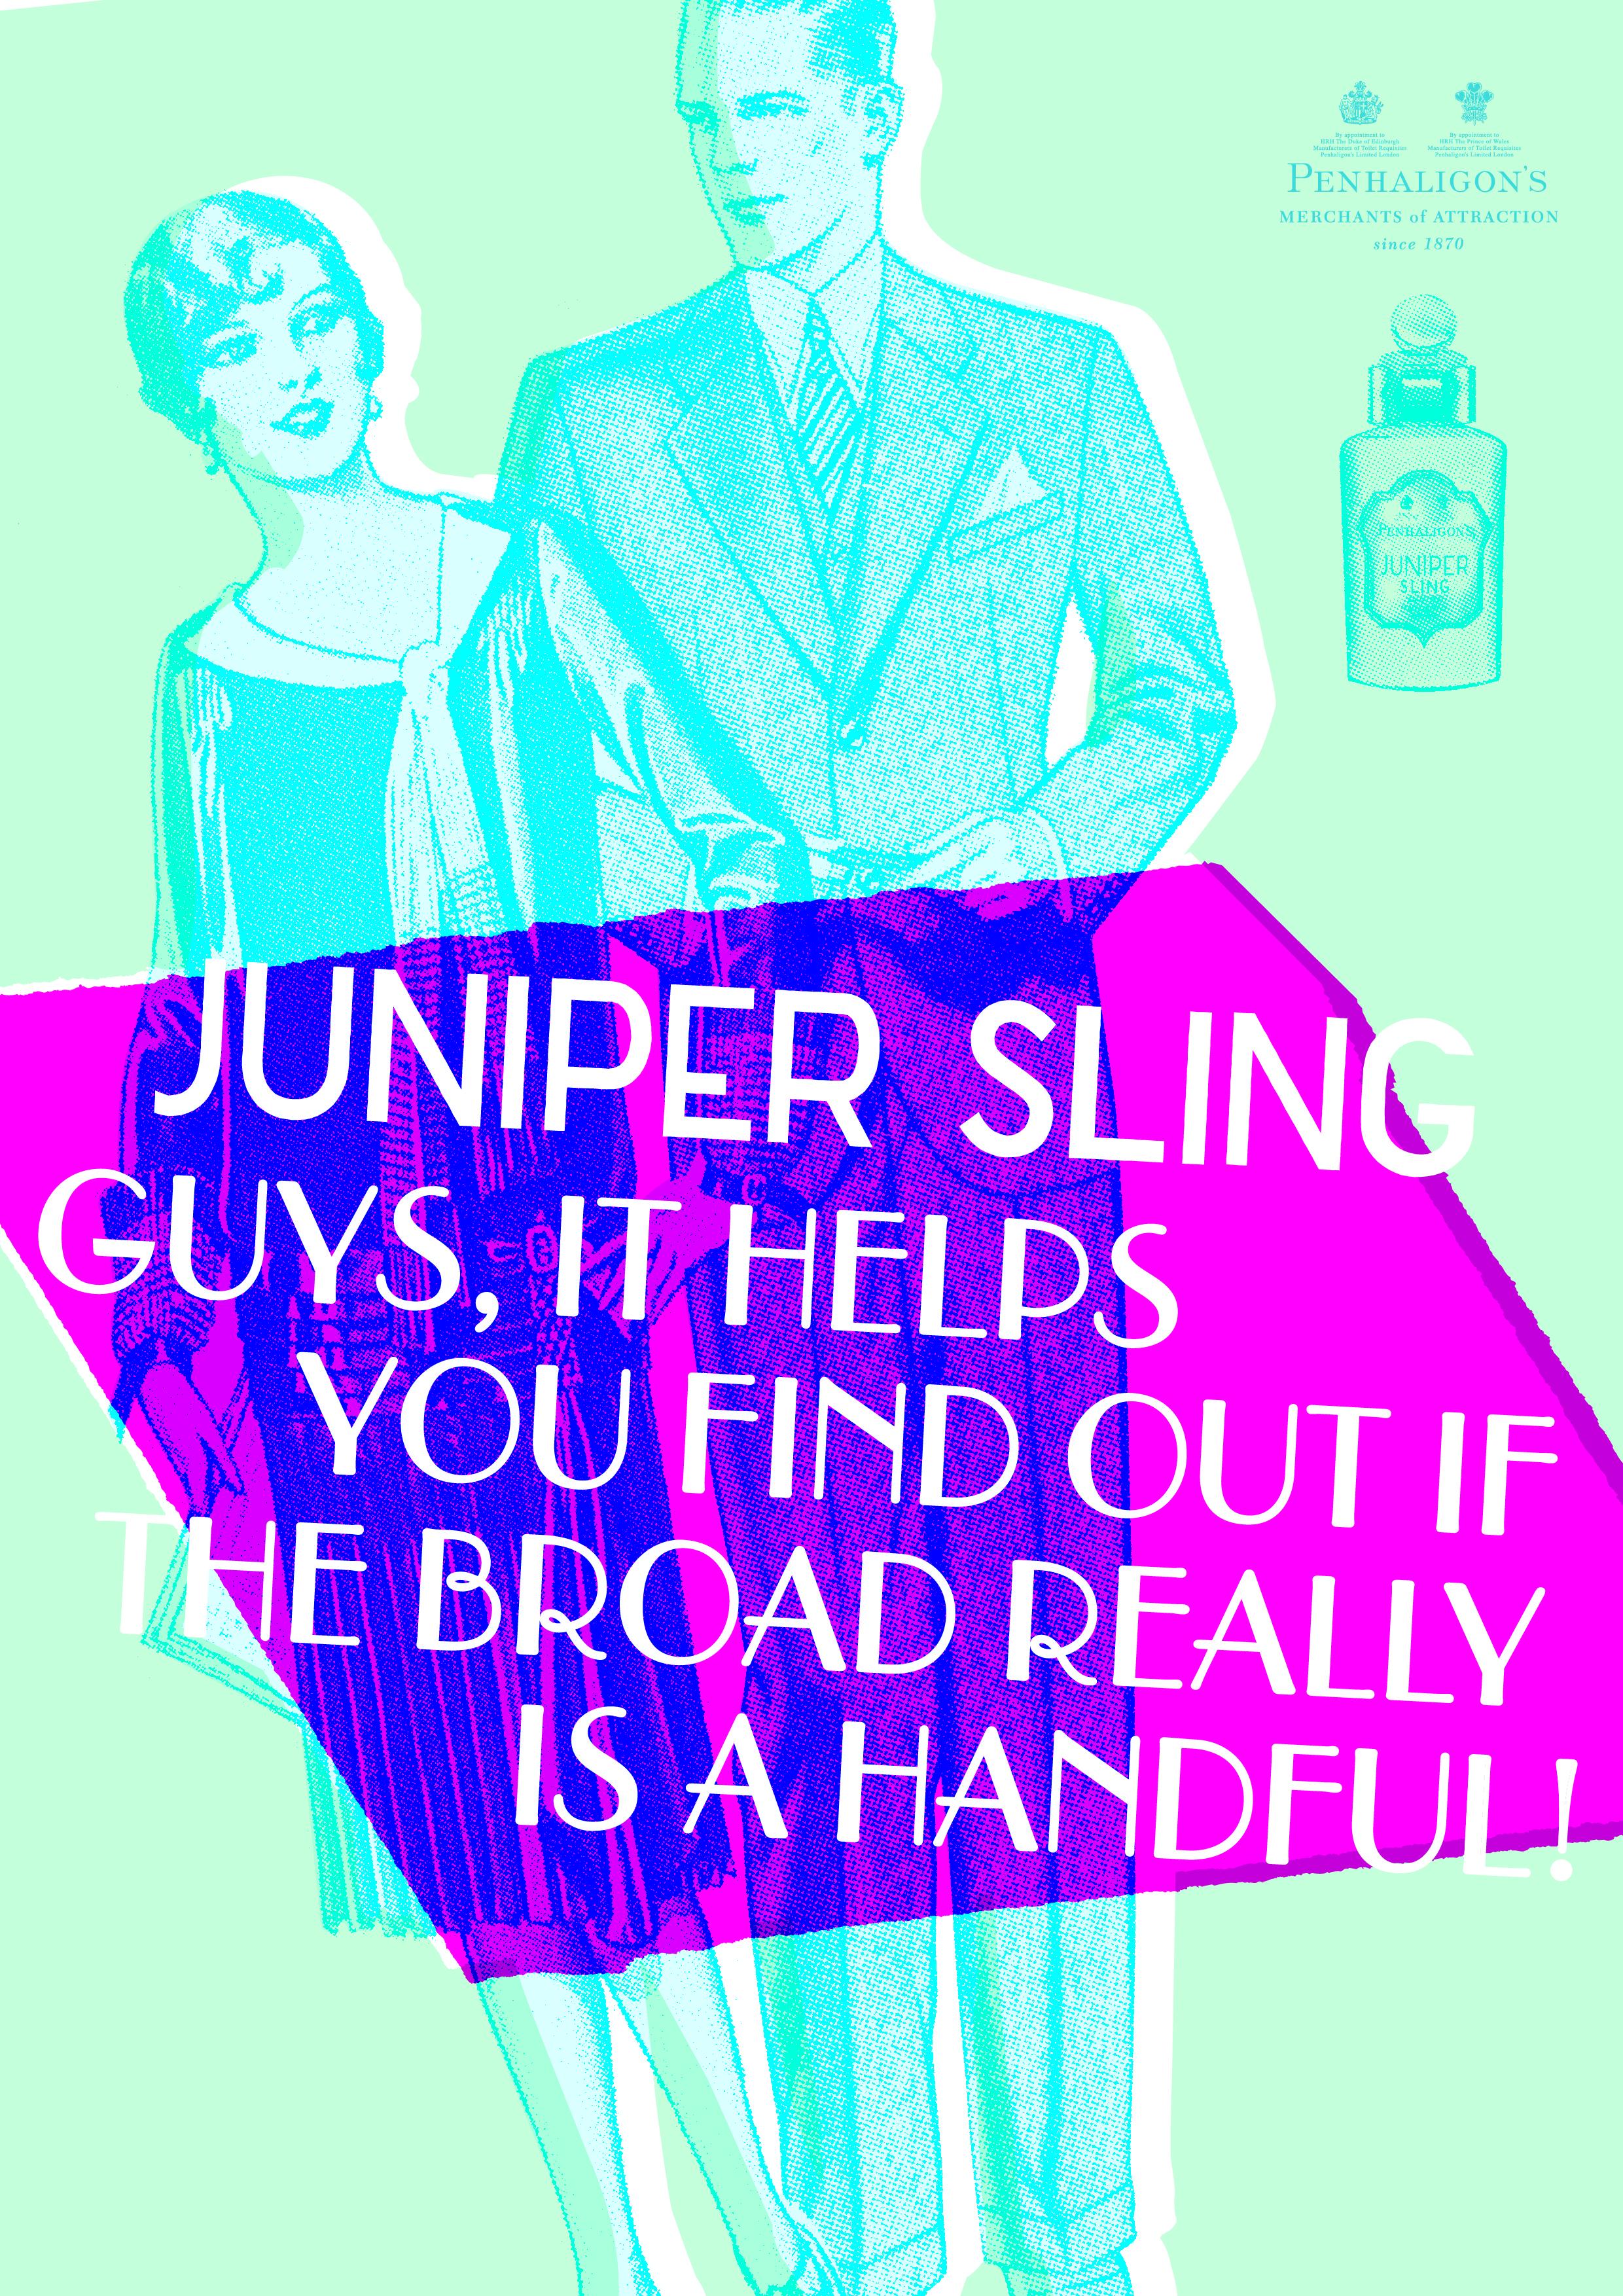 Penhaligon's Juniper Sling 'Handful'-01